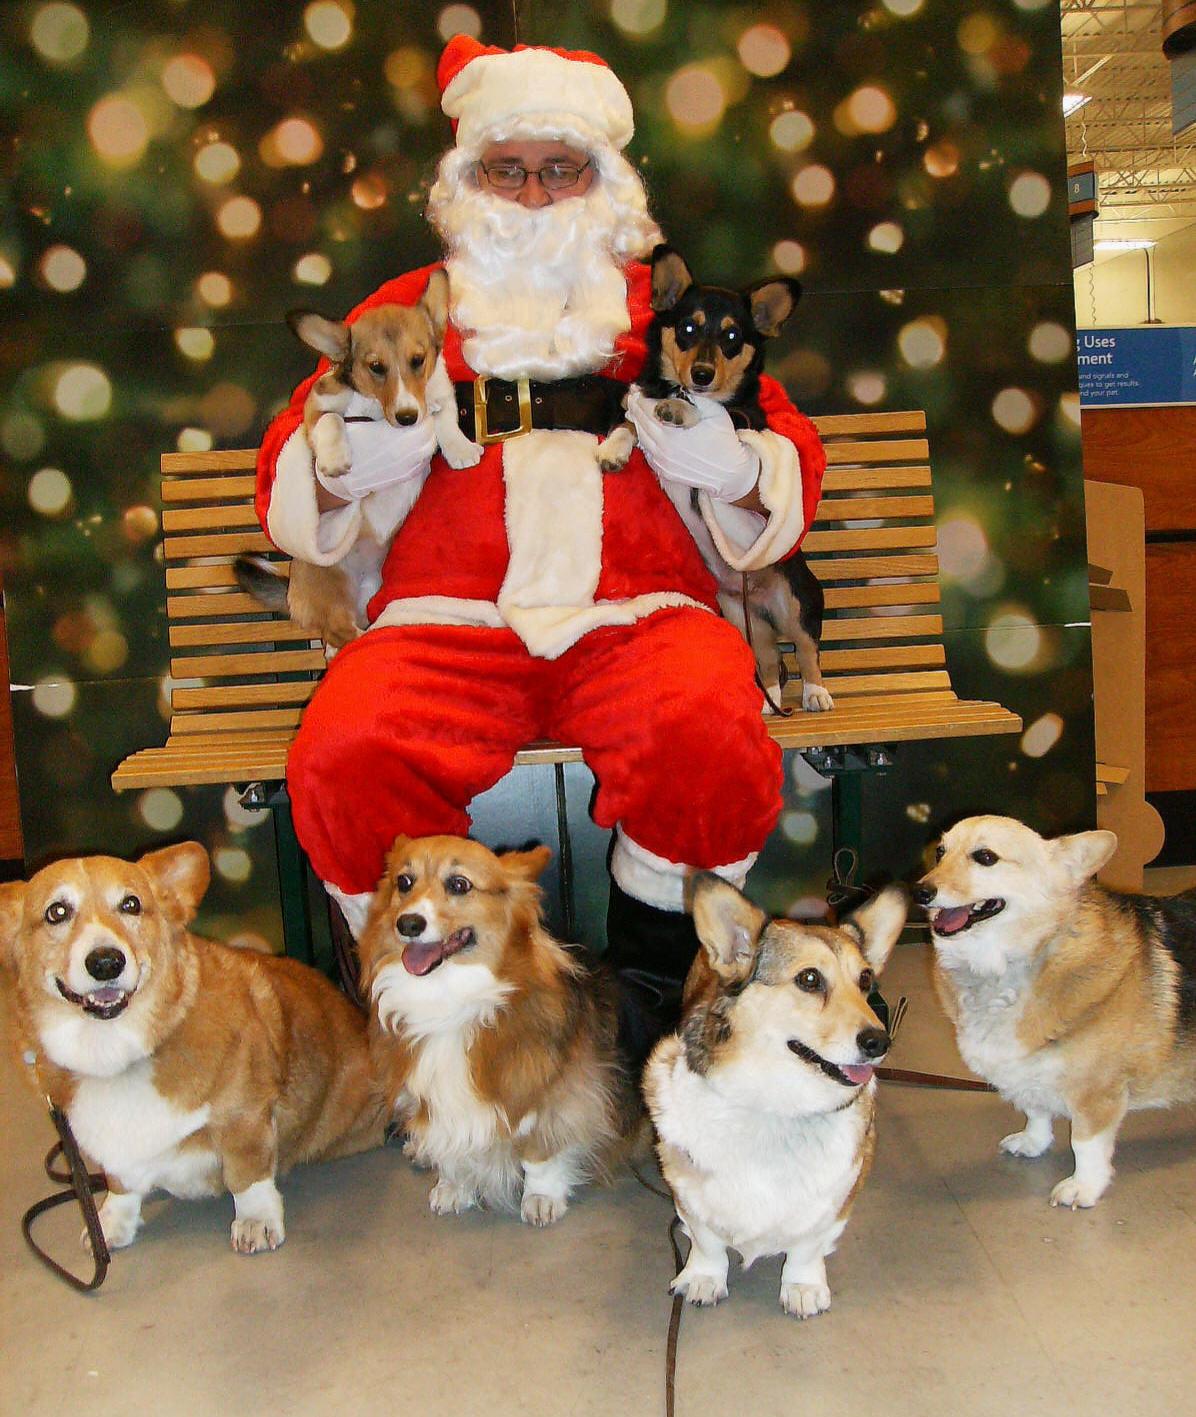 christmas corgis 4 the dogz - Corgi Christmas